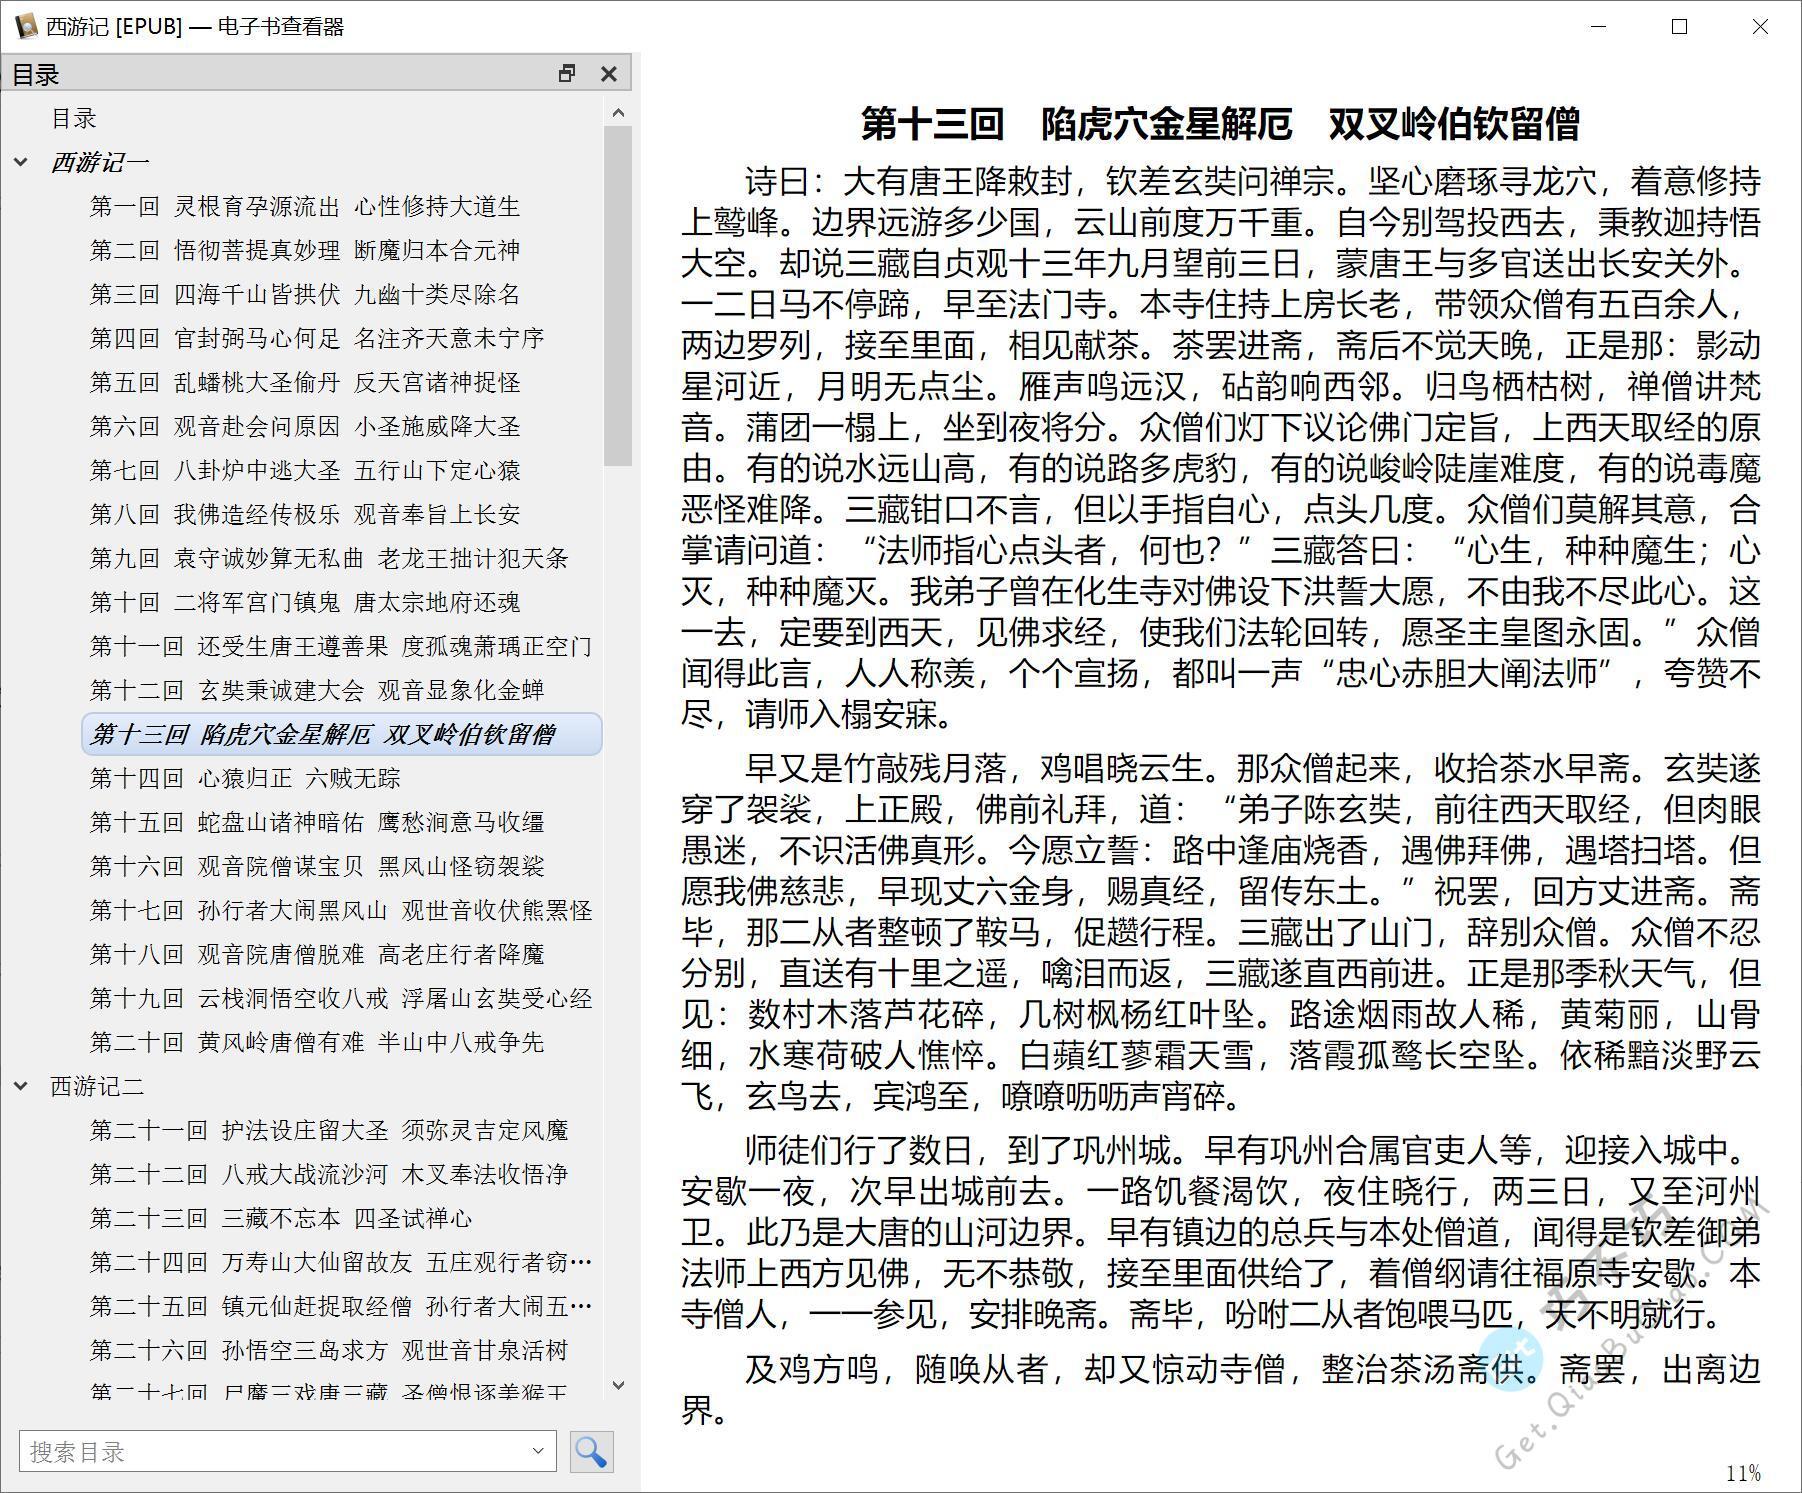 四大名著之吴承恩《西游记》书籍原著纯文字EPUB+PDF精排带目录阅读版本下载